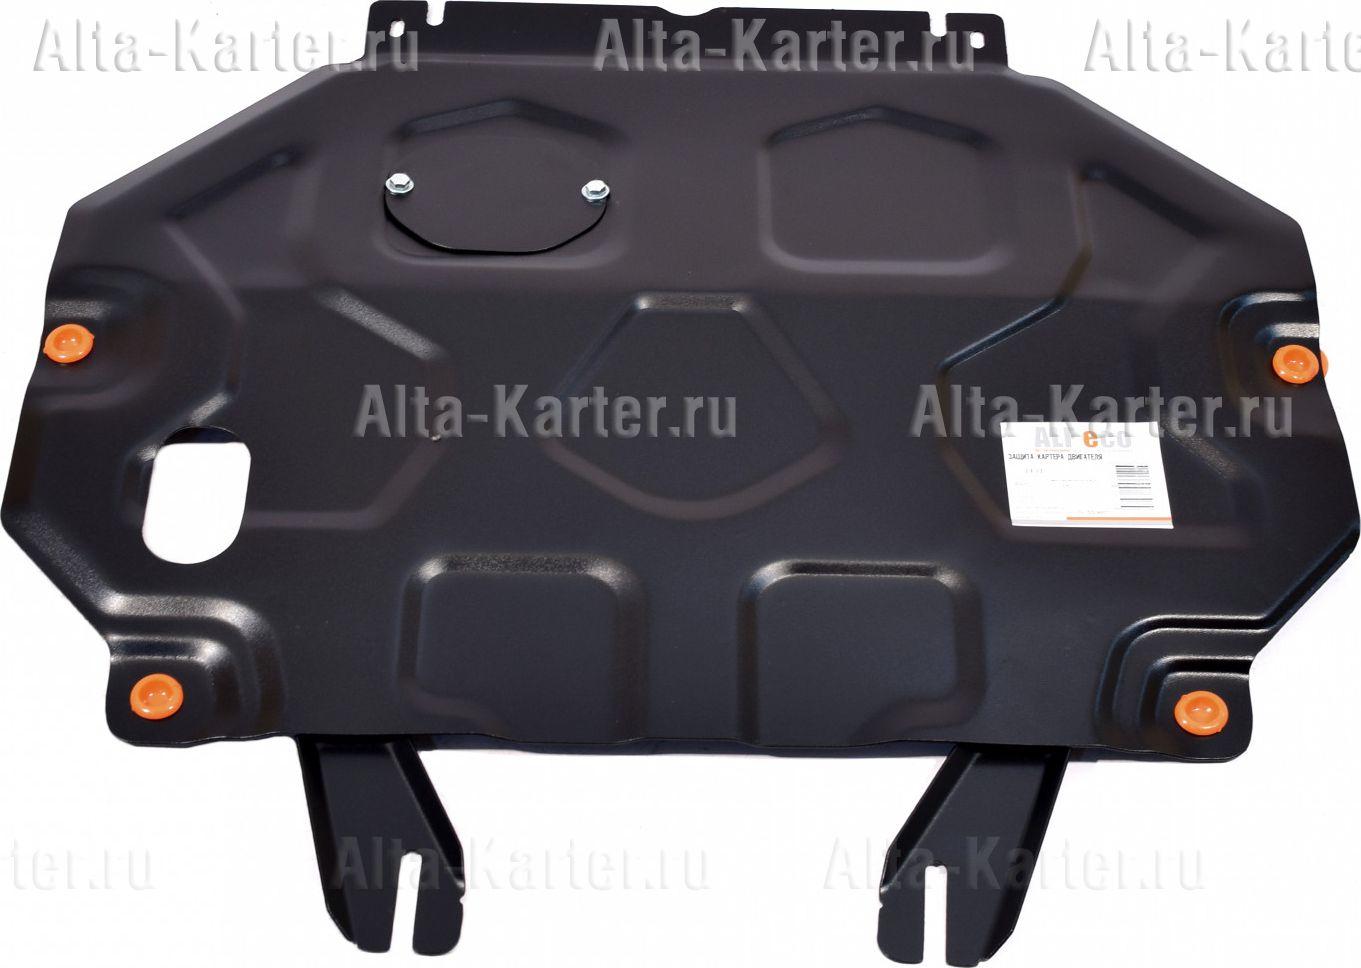 Защита 'Alfeco' для картера и КПП Mitsubishi Eclipse Cross 2018-2021. Артикул ALF.14.31